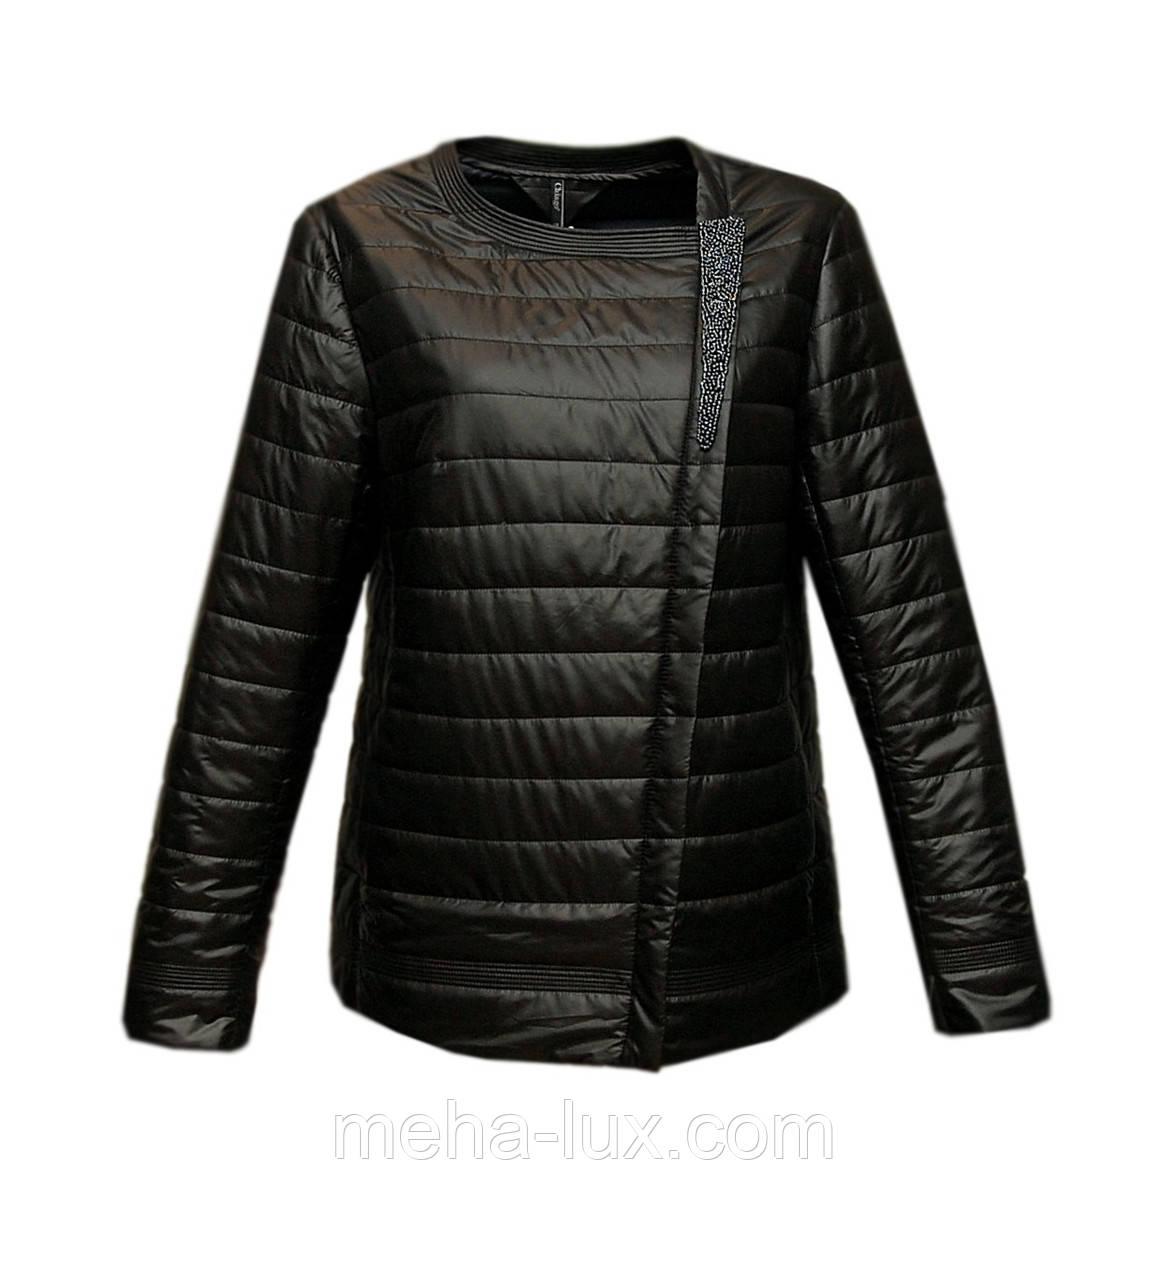 68b9db3cbf8 Куртка Chiago женская демисезонная короткая с бисером черная -